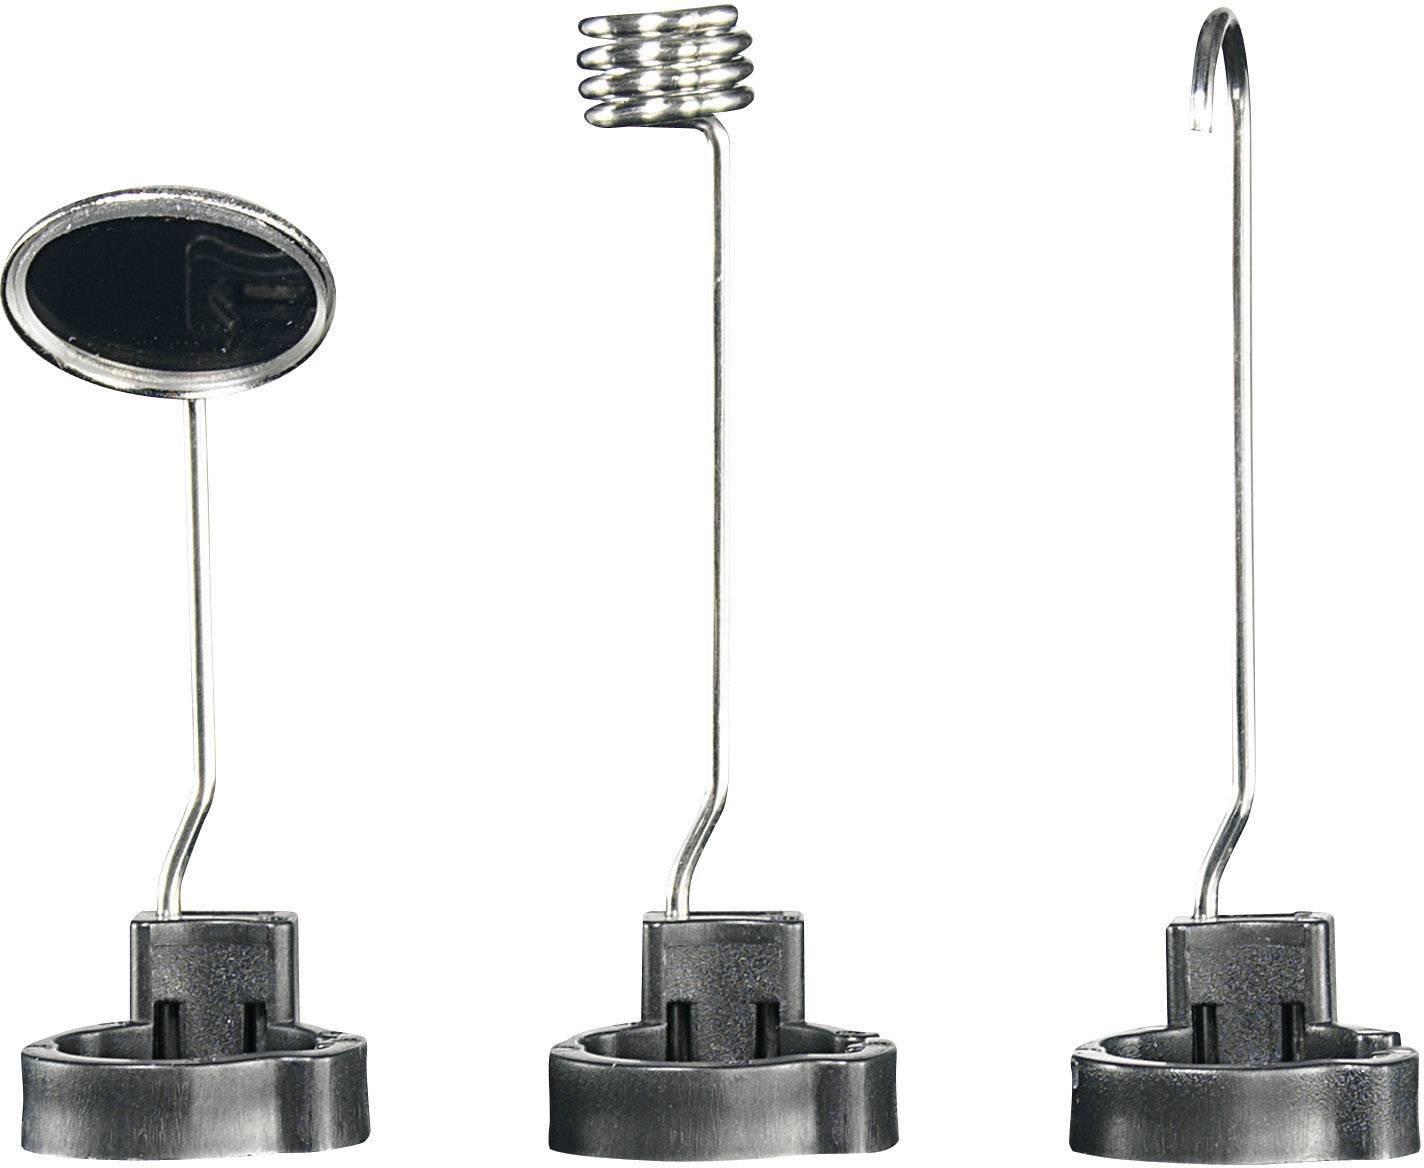 Príslušenstvo pre sondy Voltcraft s Ø 9.8 mm - zrkadlo, magnet, háčik